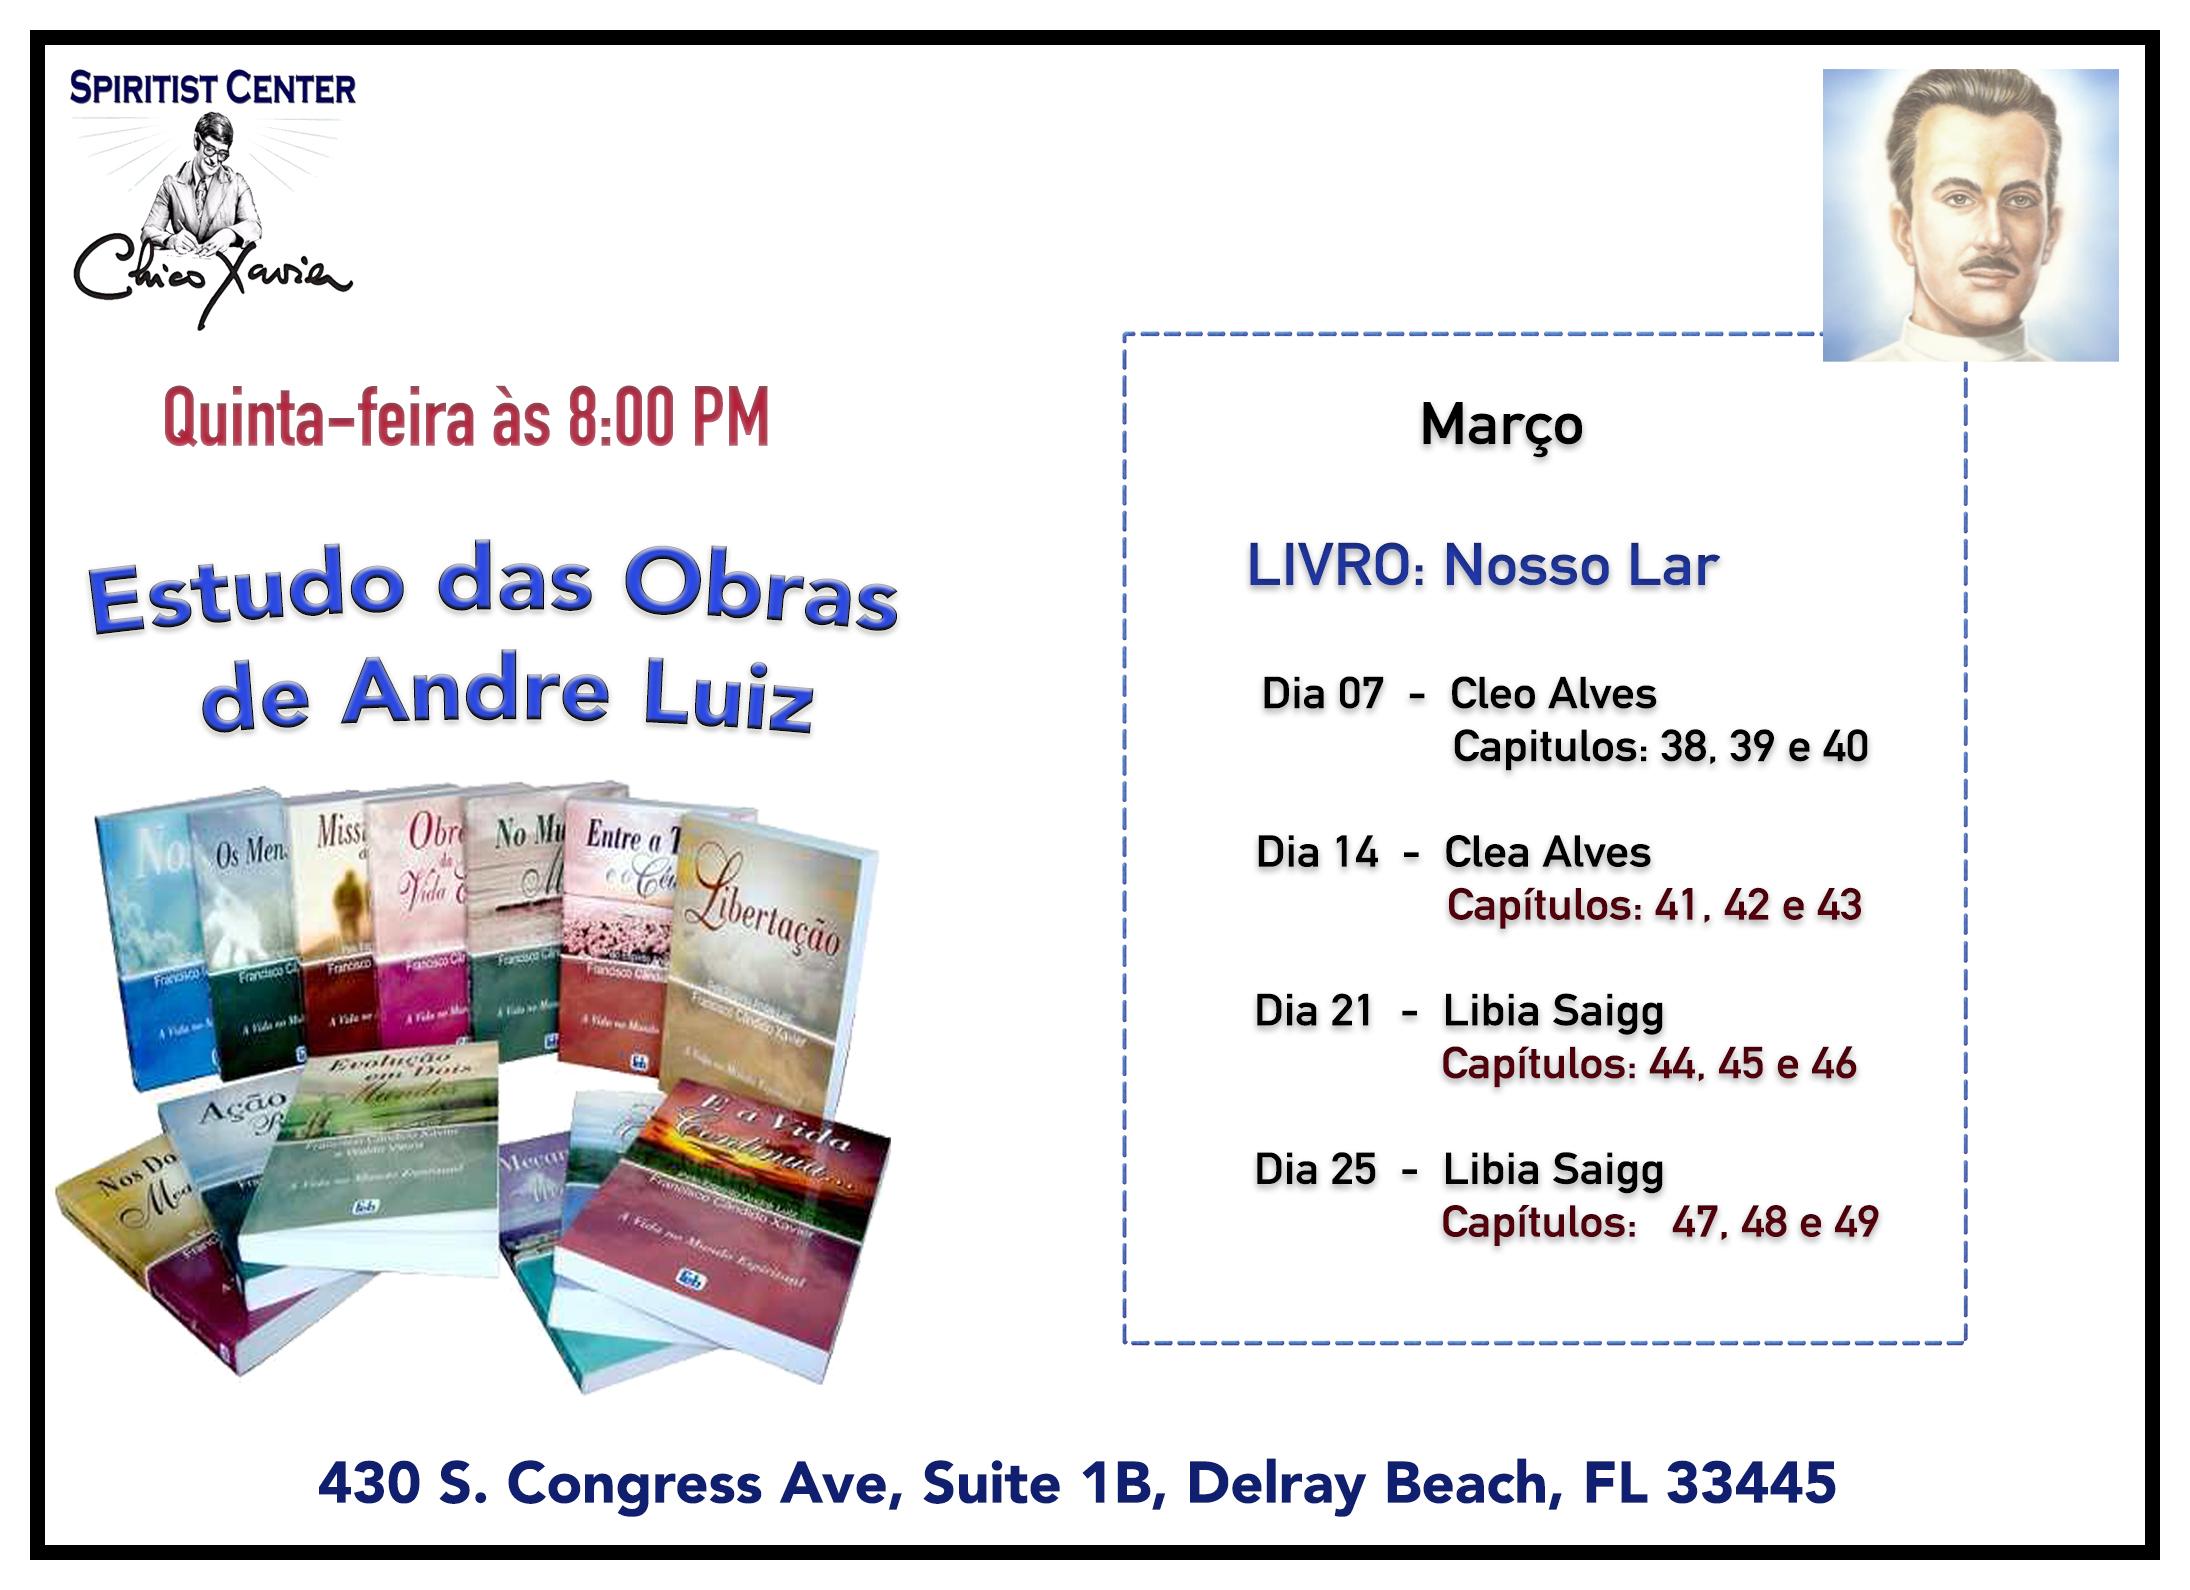 Estudo das Obras Básicas de Andre Luiz Março